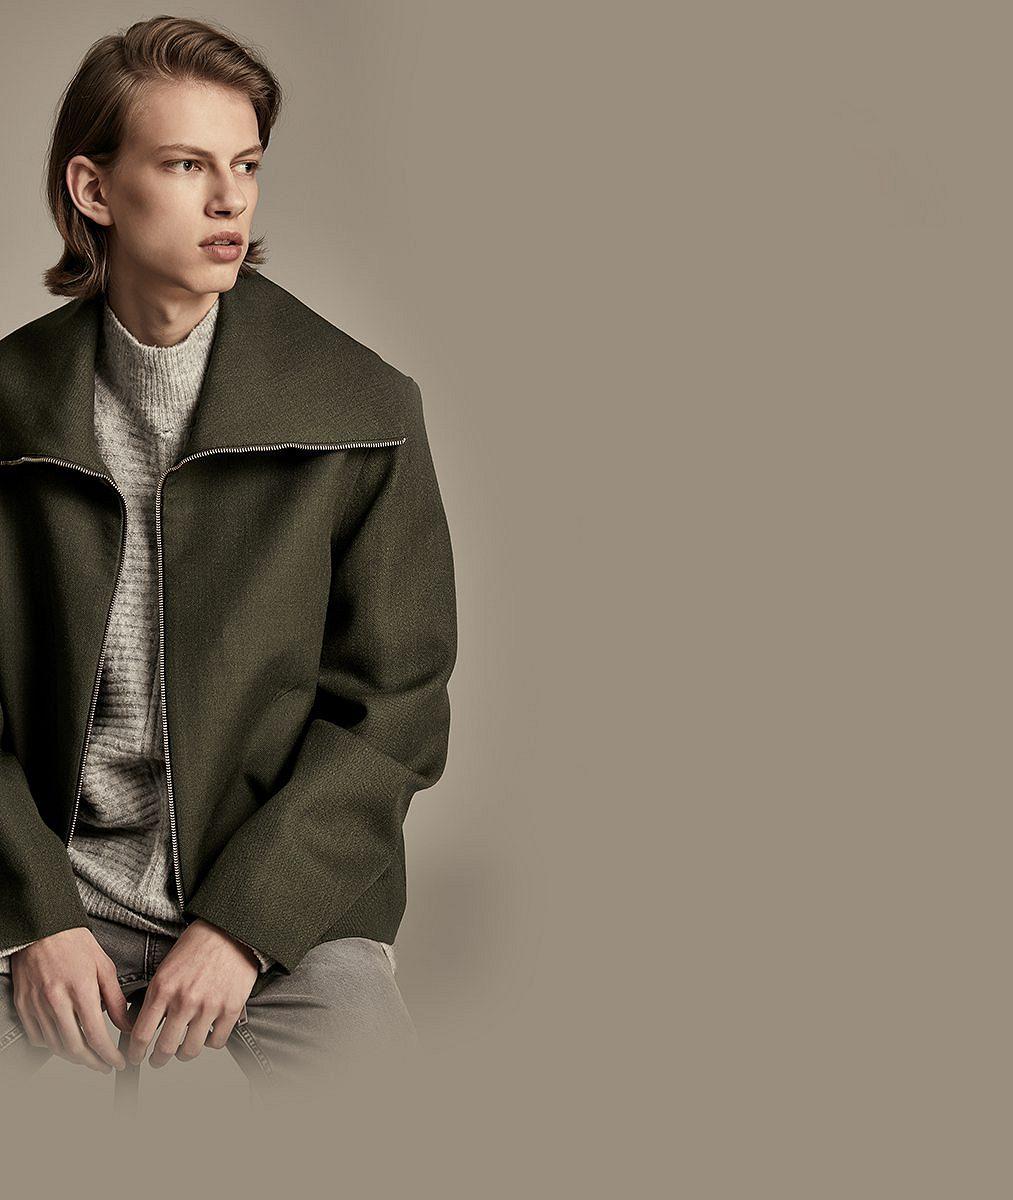 Nejlepší český model na svátku módy vPaříži je tento vlasatý mladík. Nesází pouze na svůj vzhled